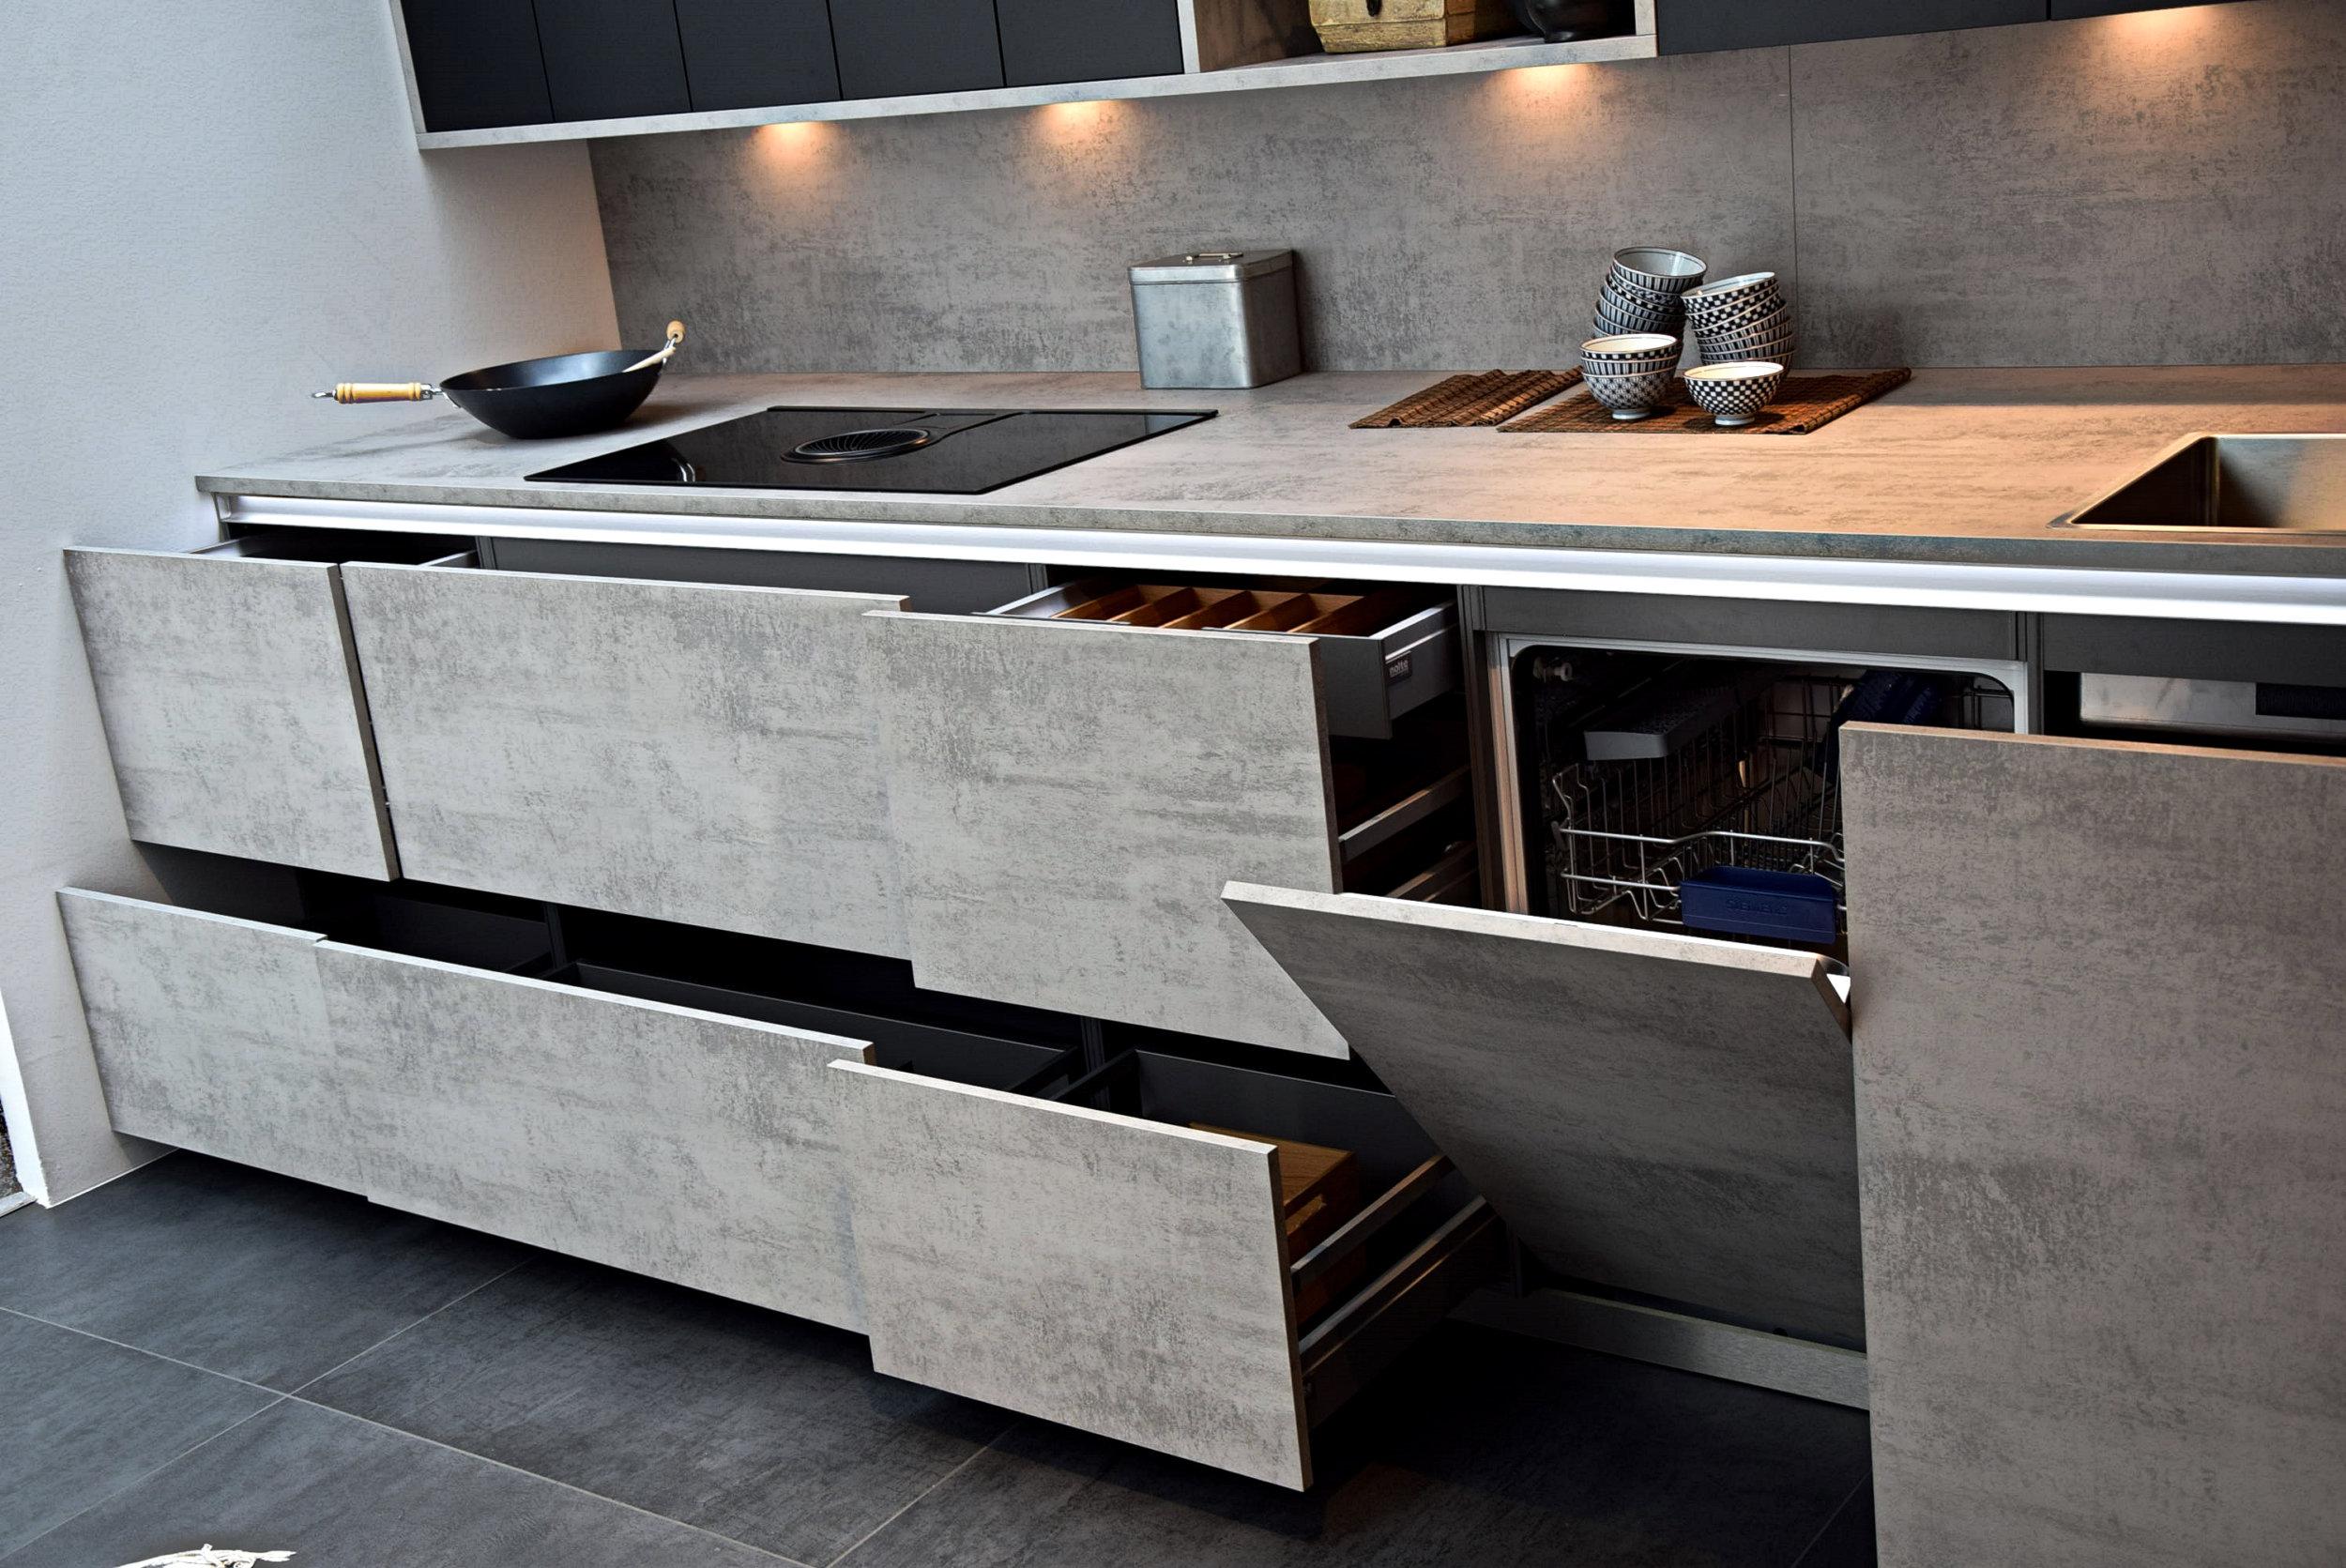 Full Size of Java Schiefer Arbeitsplatte Nolte Arbeitsplatten Küche Sideboard Mit Wohnzimmer Java Schiefer Arbeitsplatte